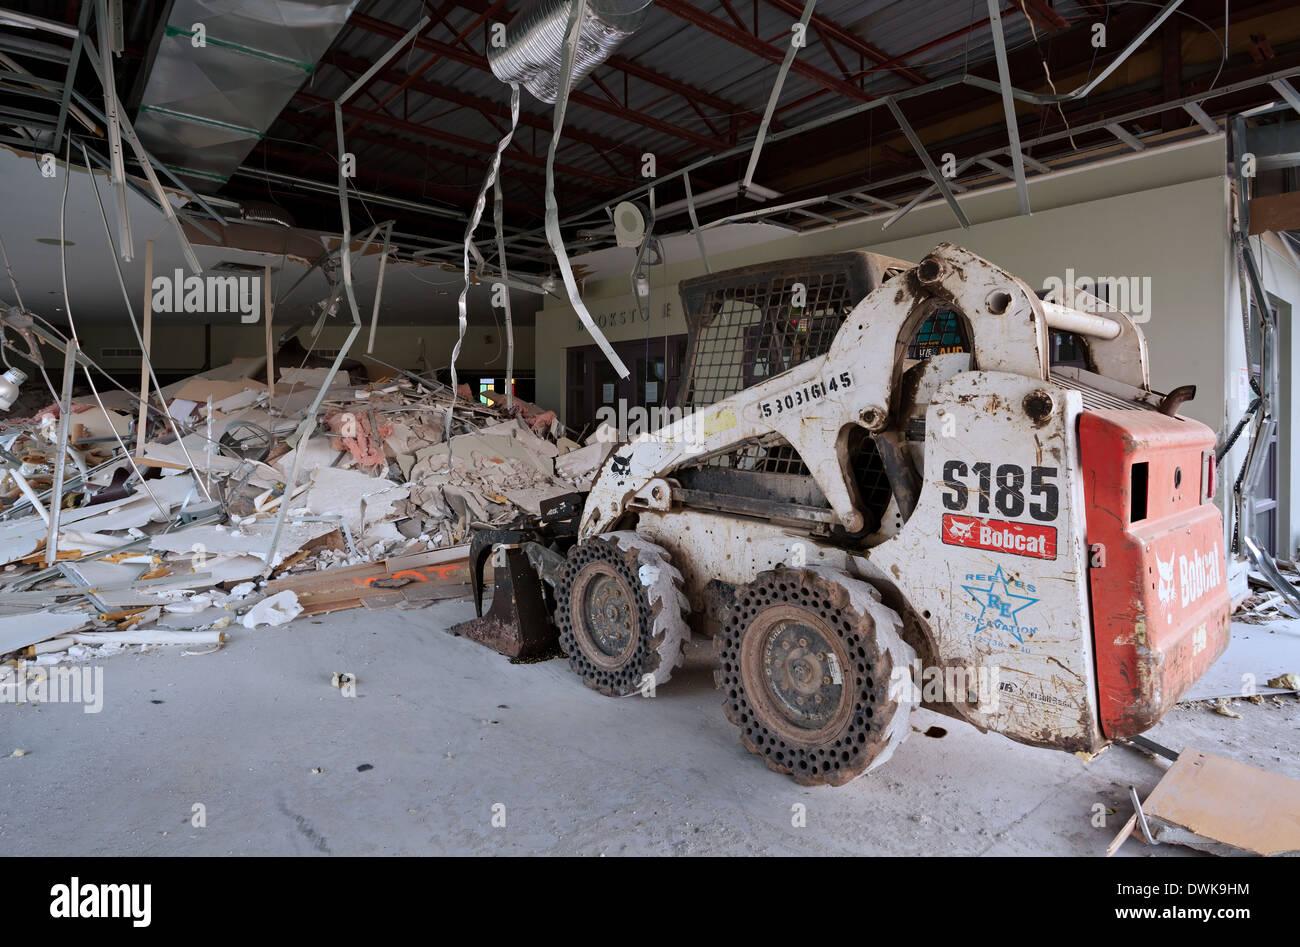 Un chargeur skid est assis à l'intérieur d'une église en cours de démolition. Harvest Bible Chapel, Oakville, Ontario, Canada. Photo Stock